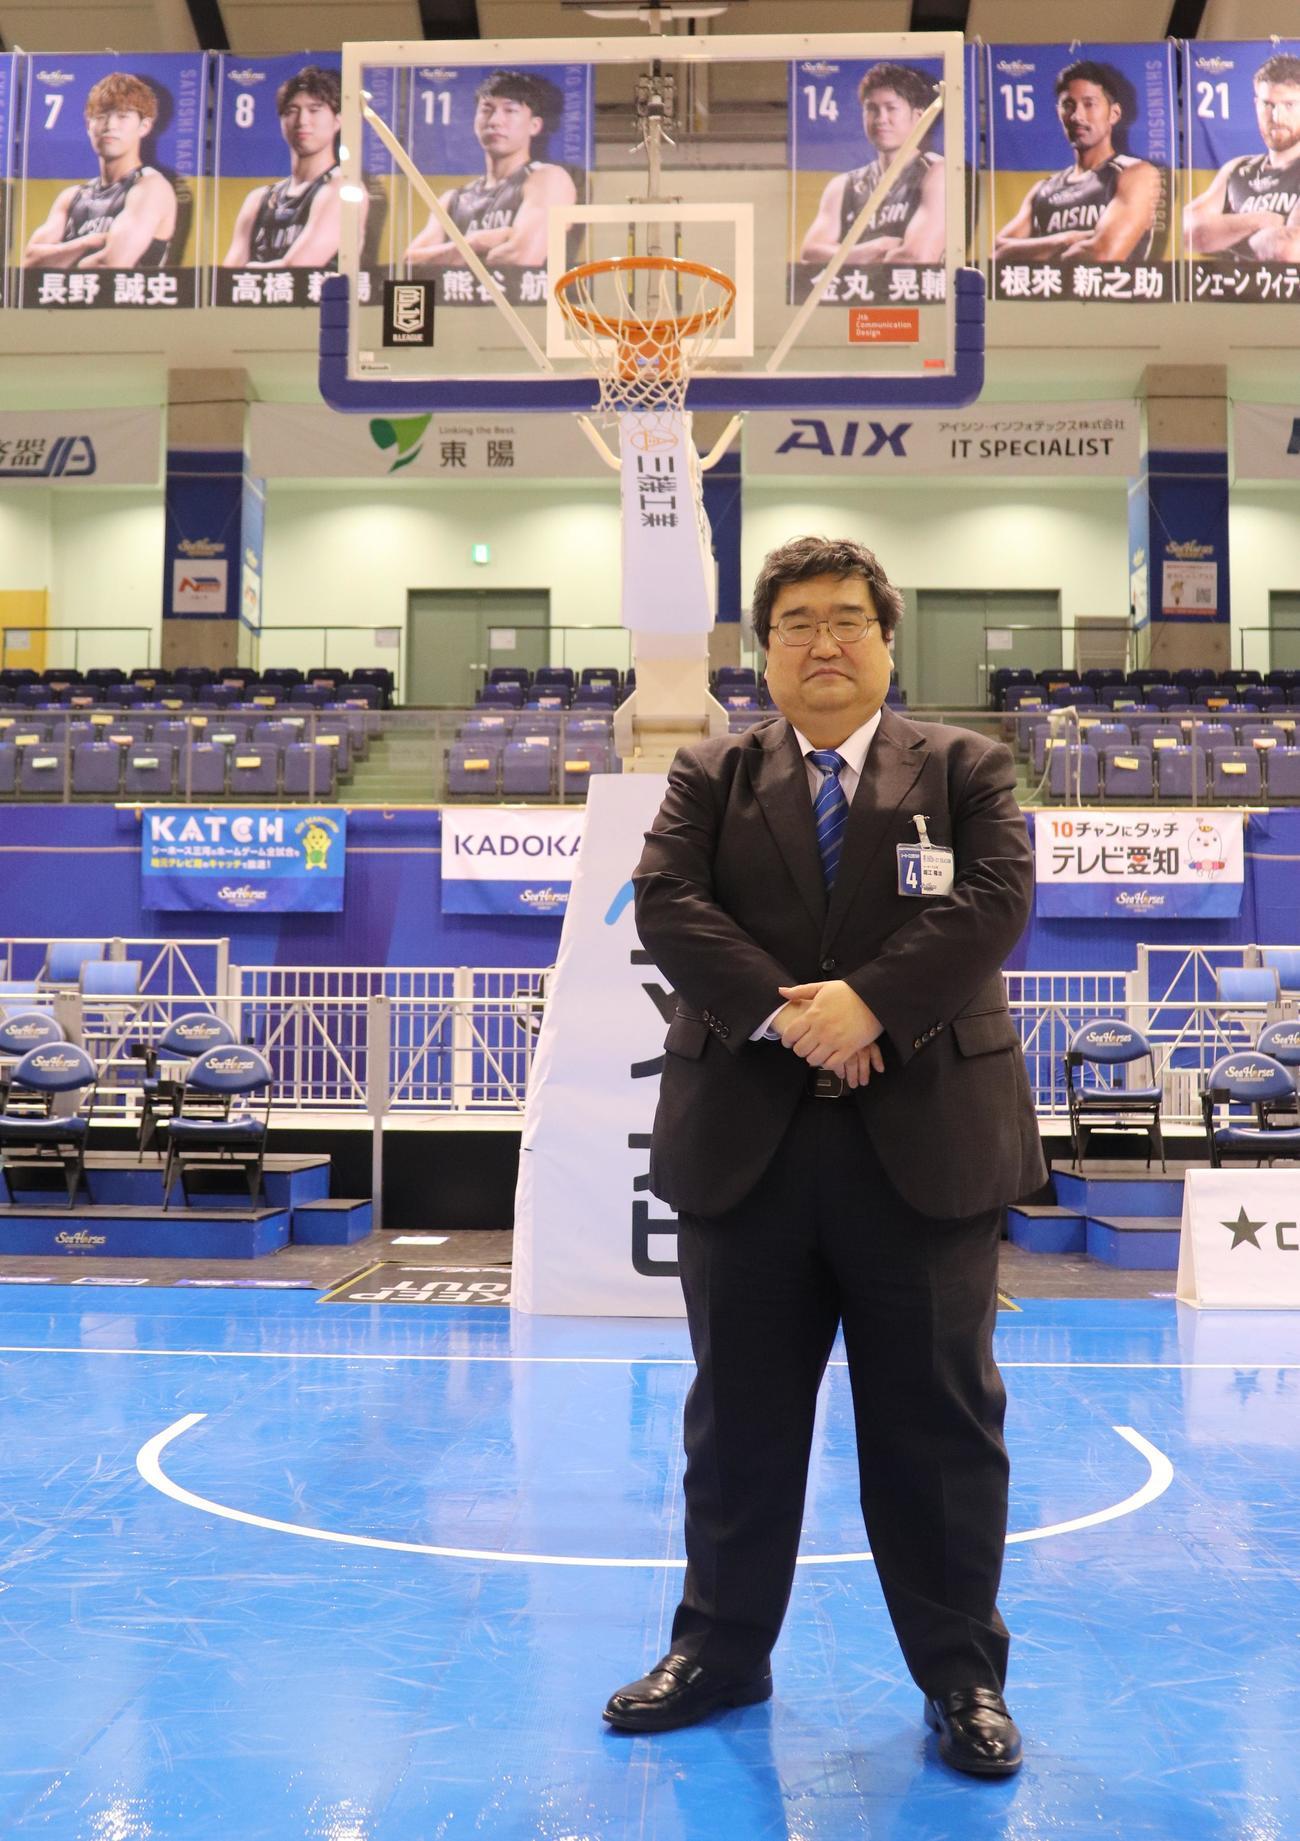 元楽天スタジアム部長で、現在はBリーグ三河のシニアコーディネーターを務める堀江さん(撮影・古川真弥)